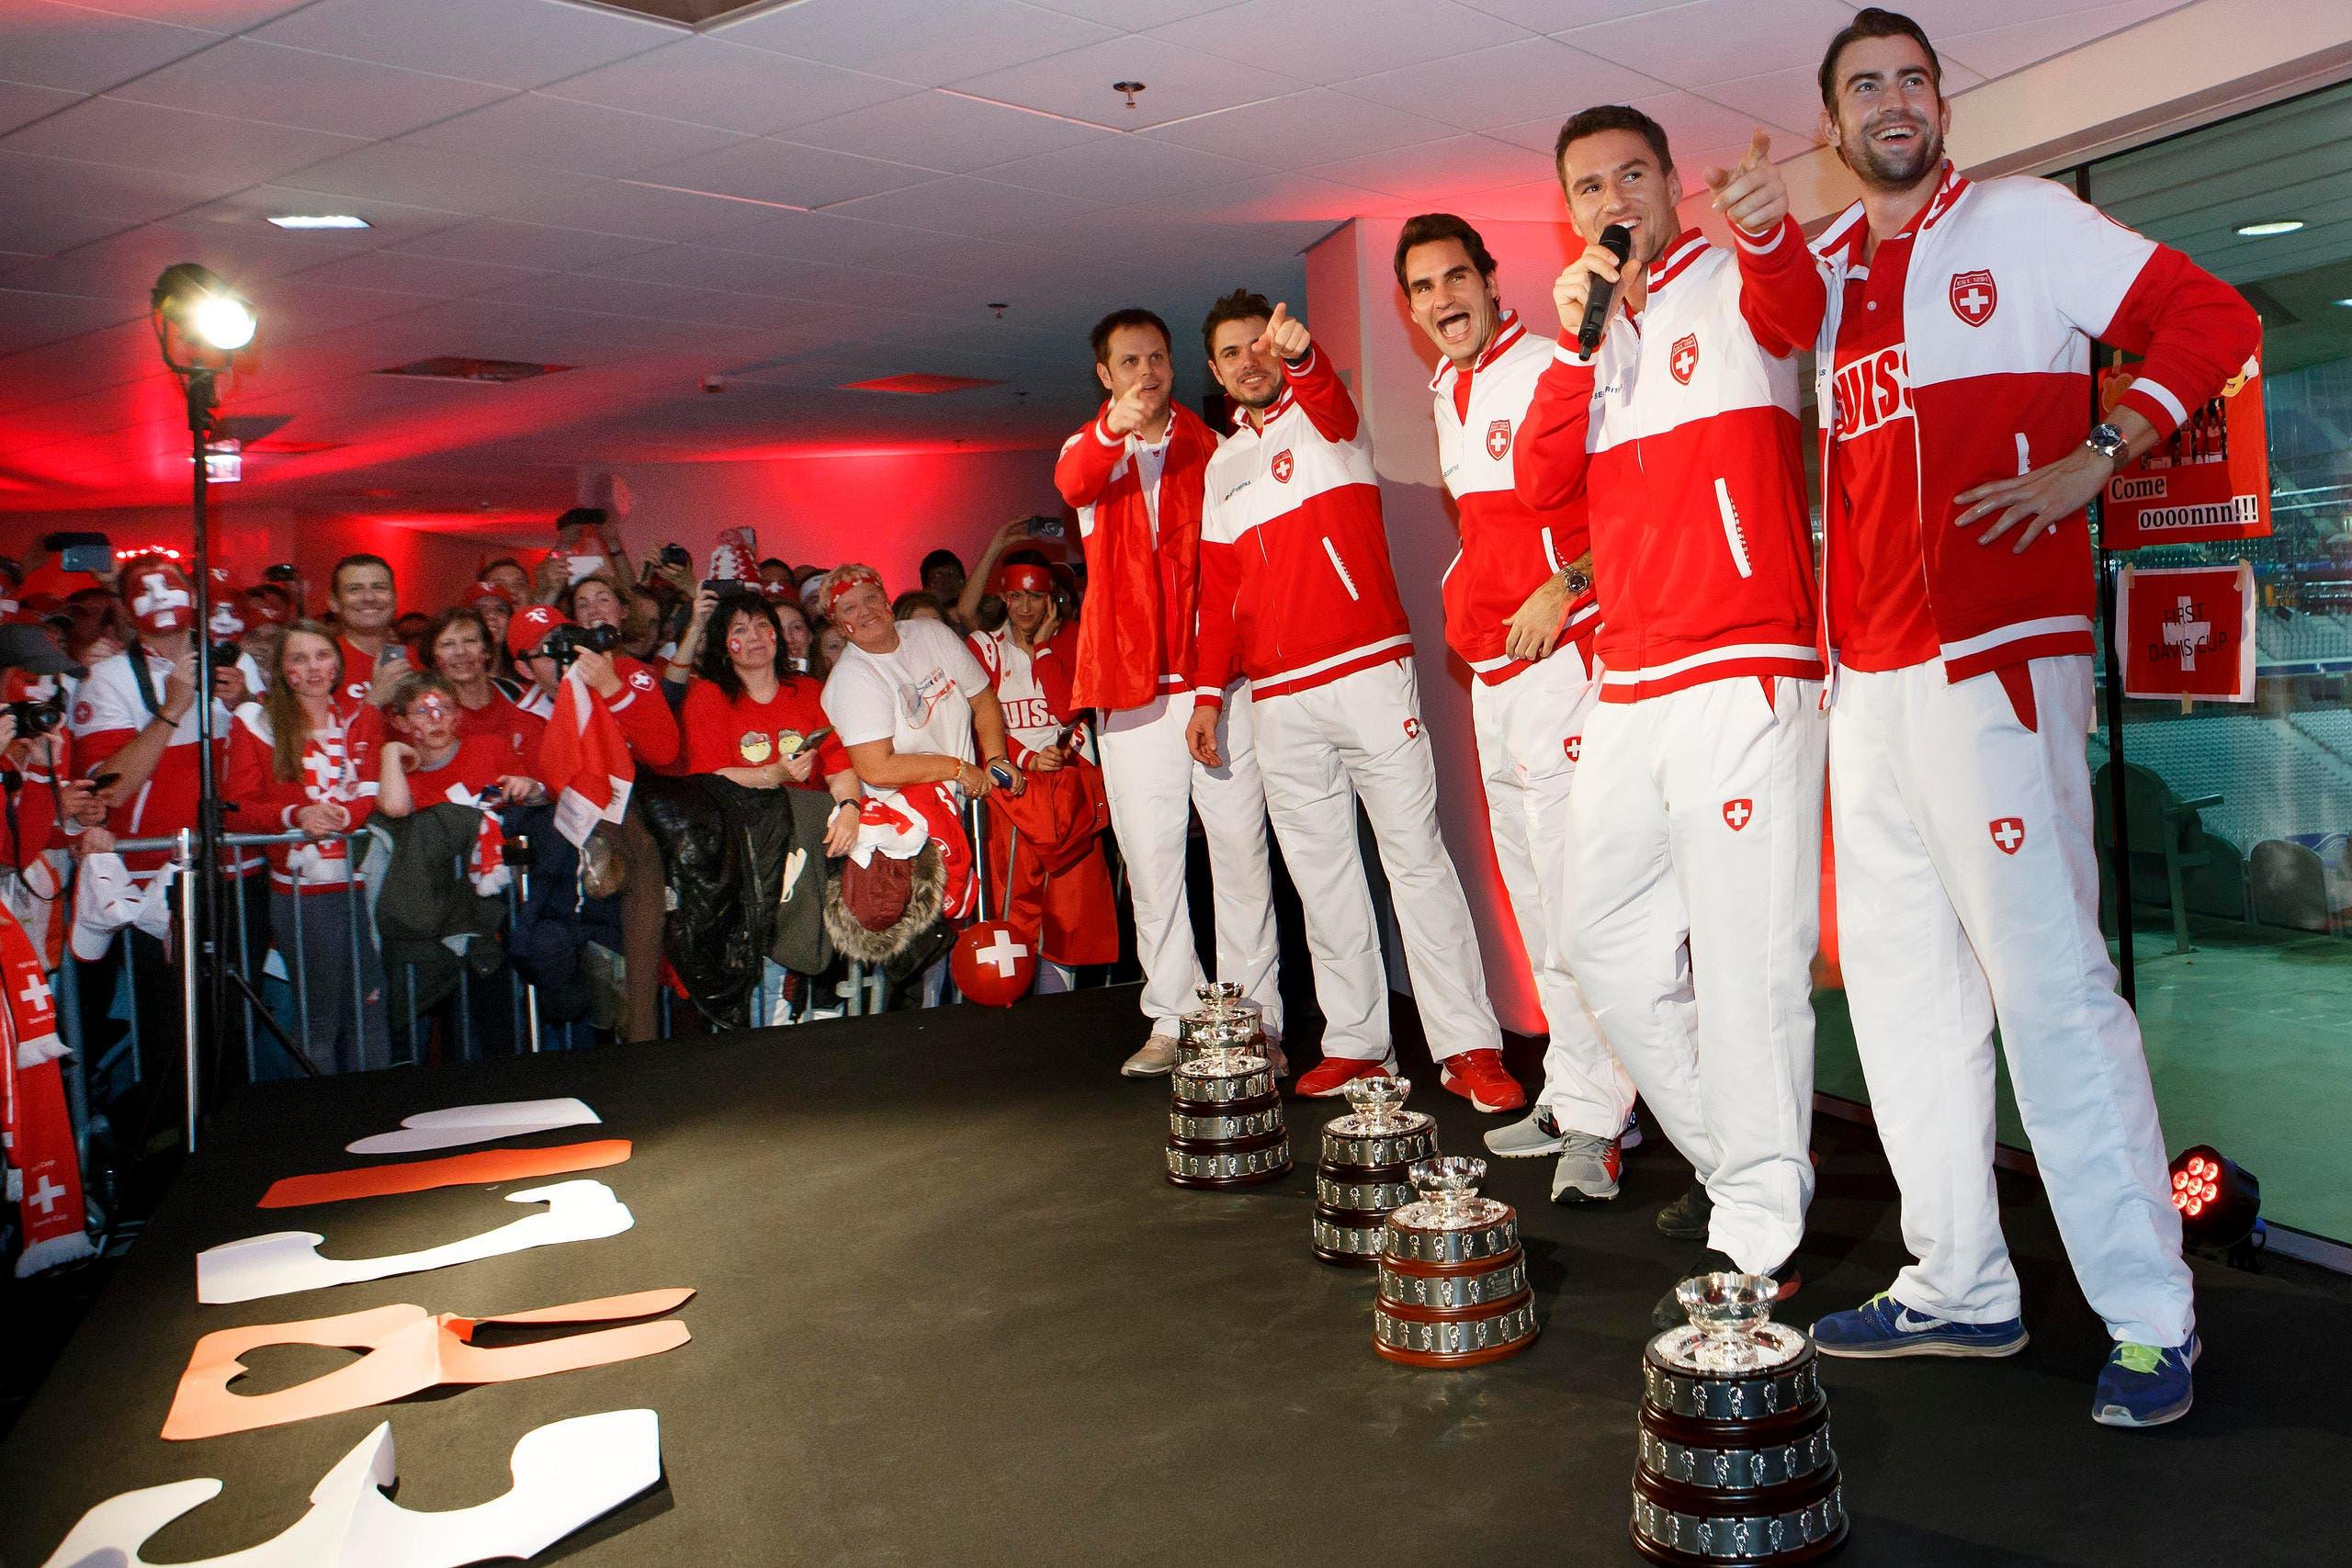 Empfang der Davis-Cup-Helden in einem Nebenraum im Stadion Pierre Mauroy von Lille. (Bild: Keystone)